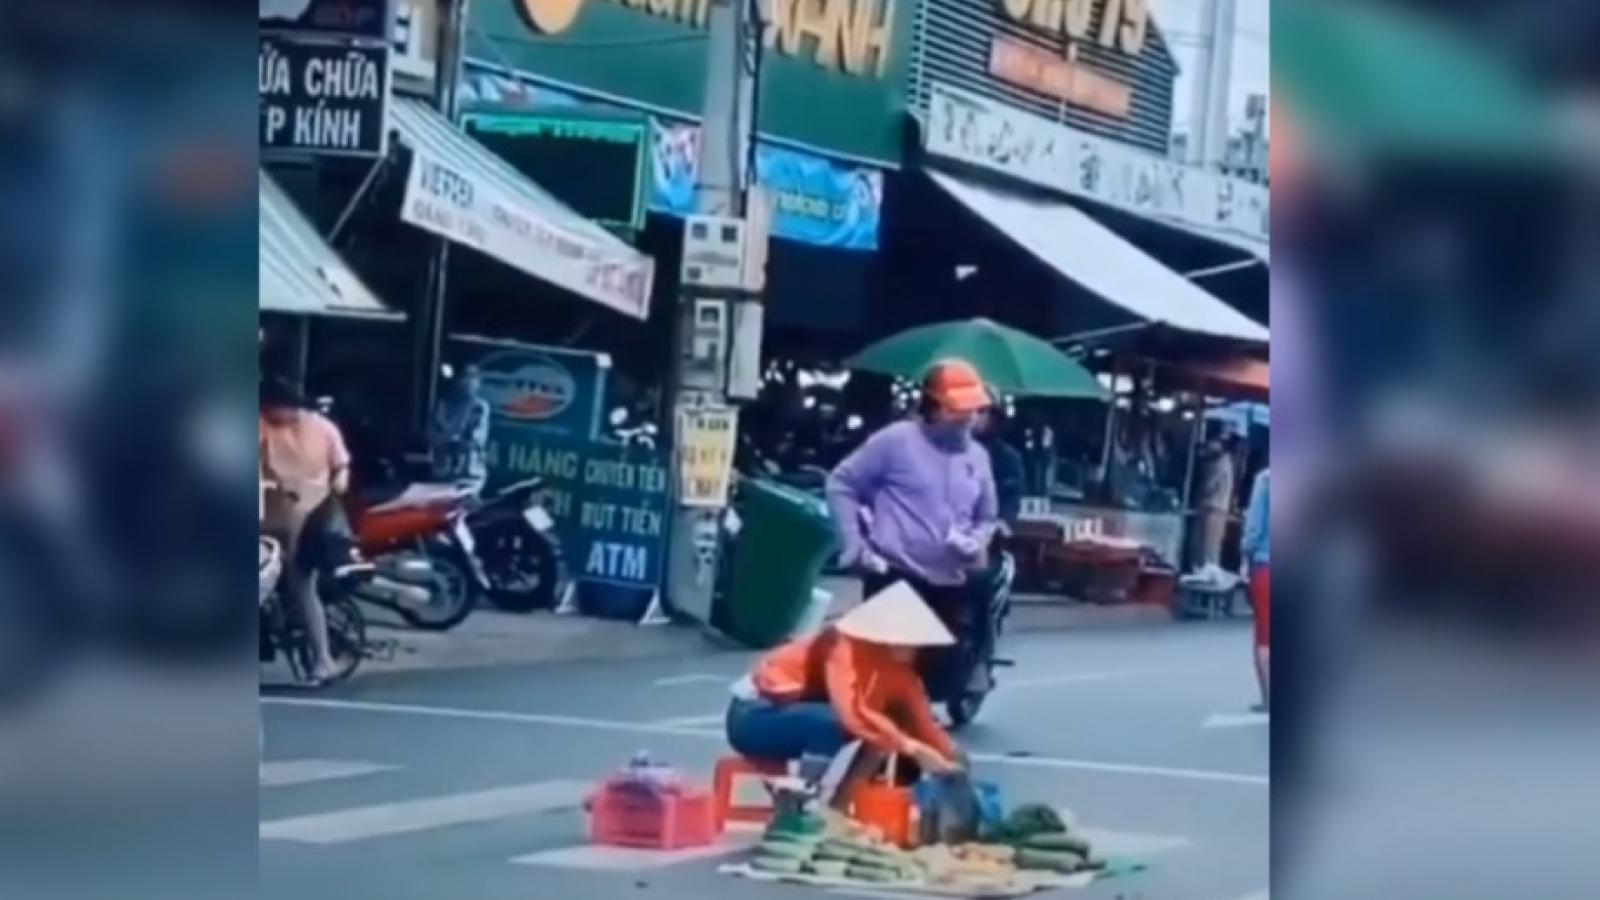 Người phụ nữ ngồi bán trái cây giữa lòng đường mặc xe cộ qua lại